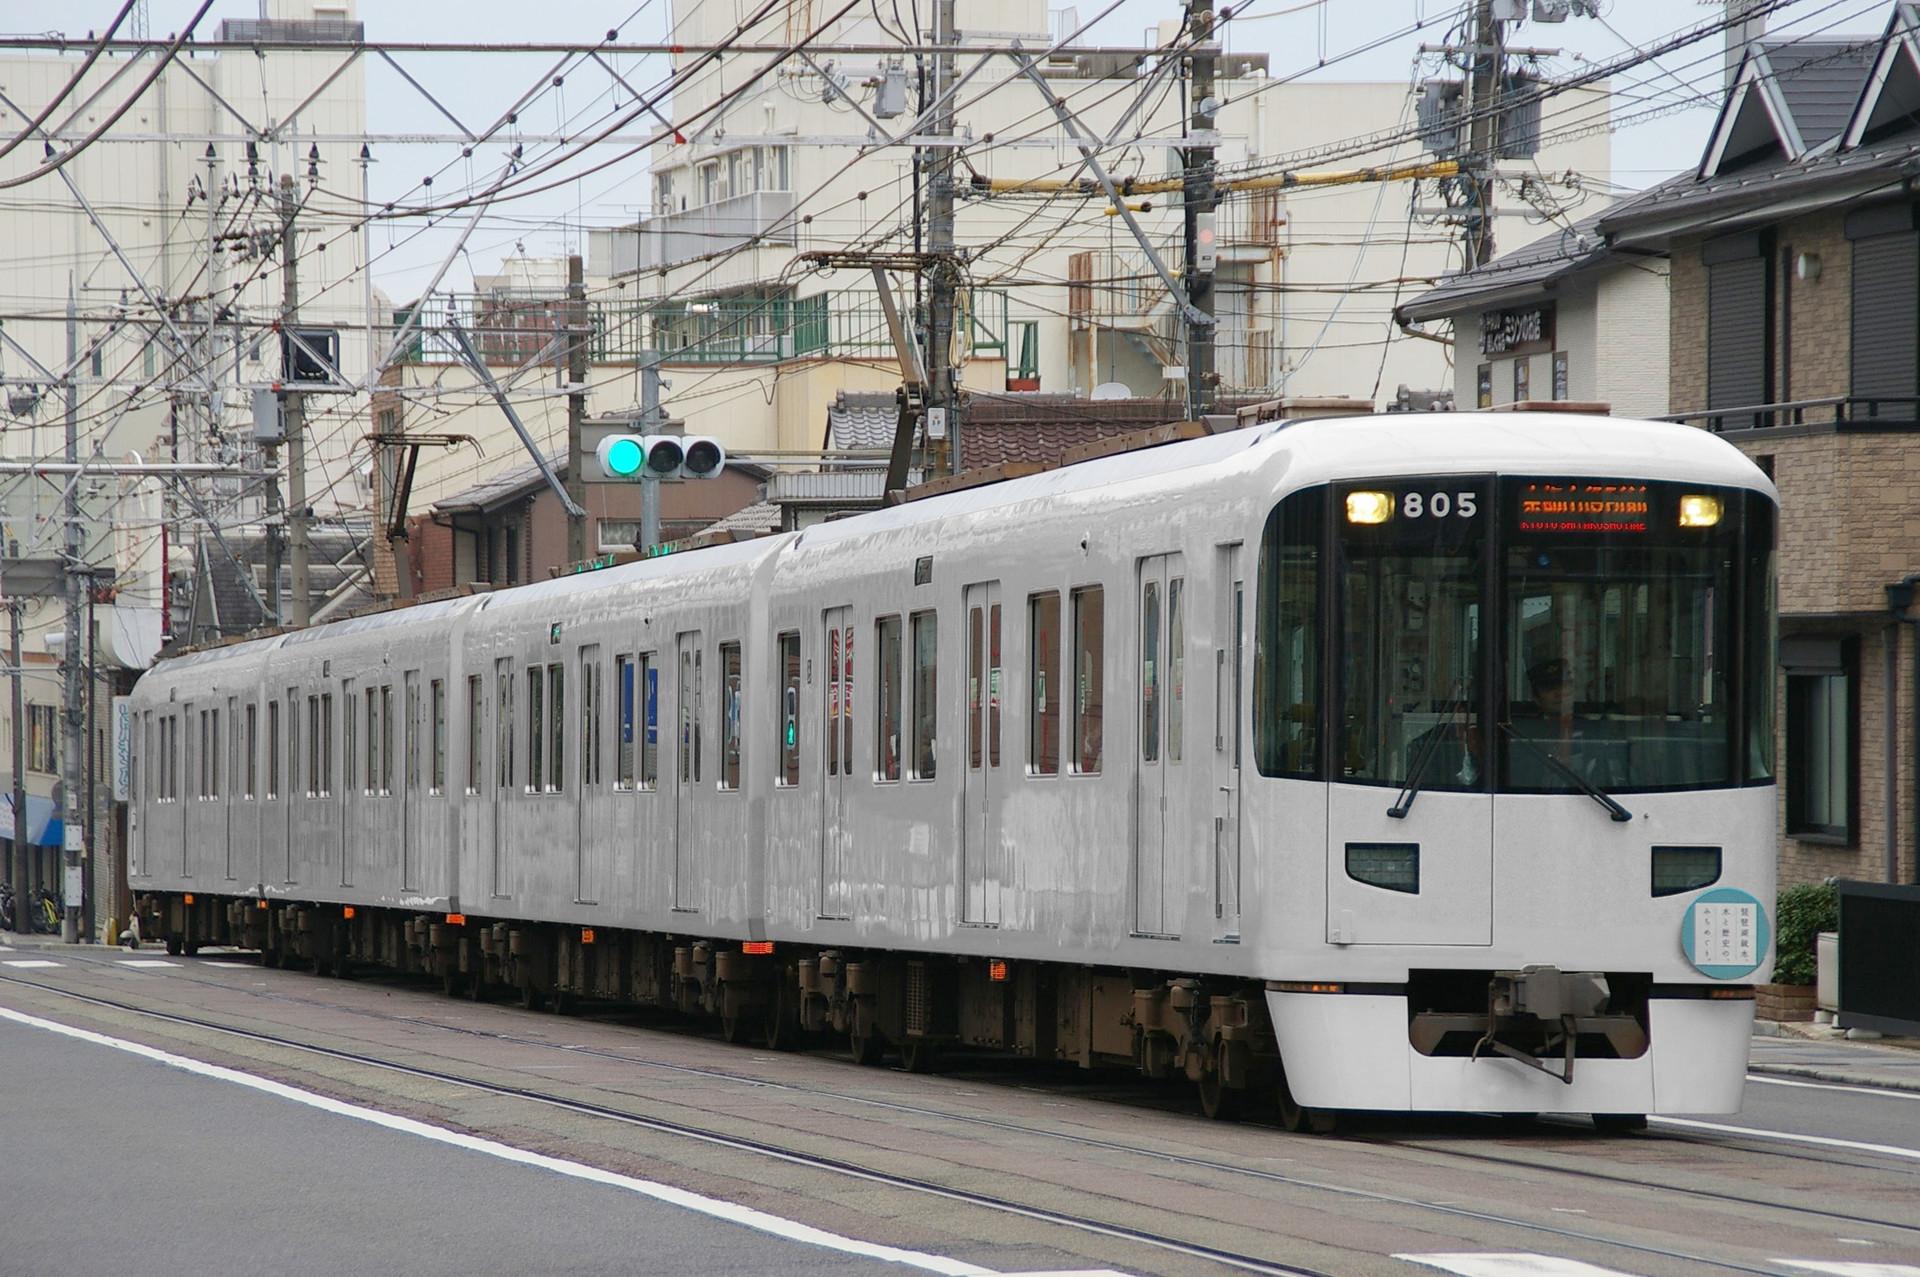 京阪電鉄 800形の色変え用素体